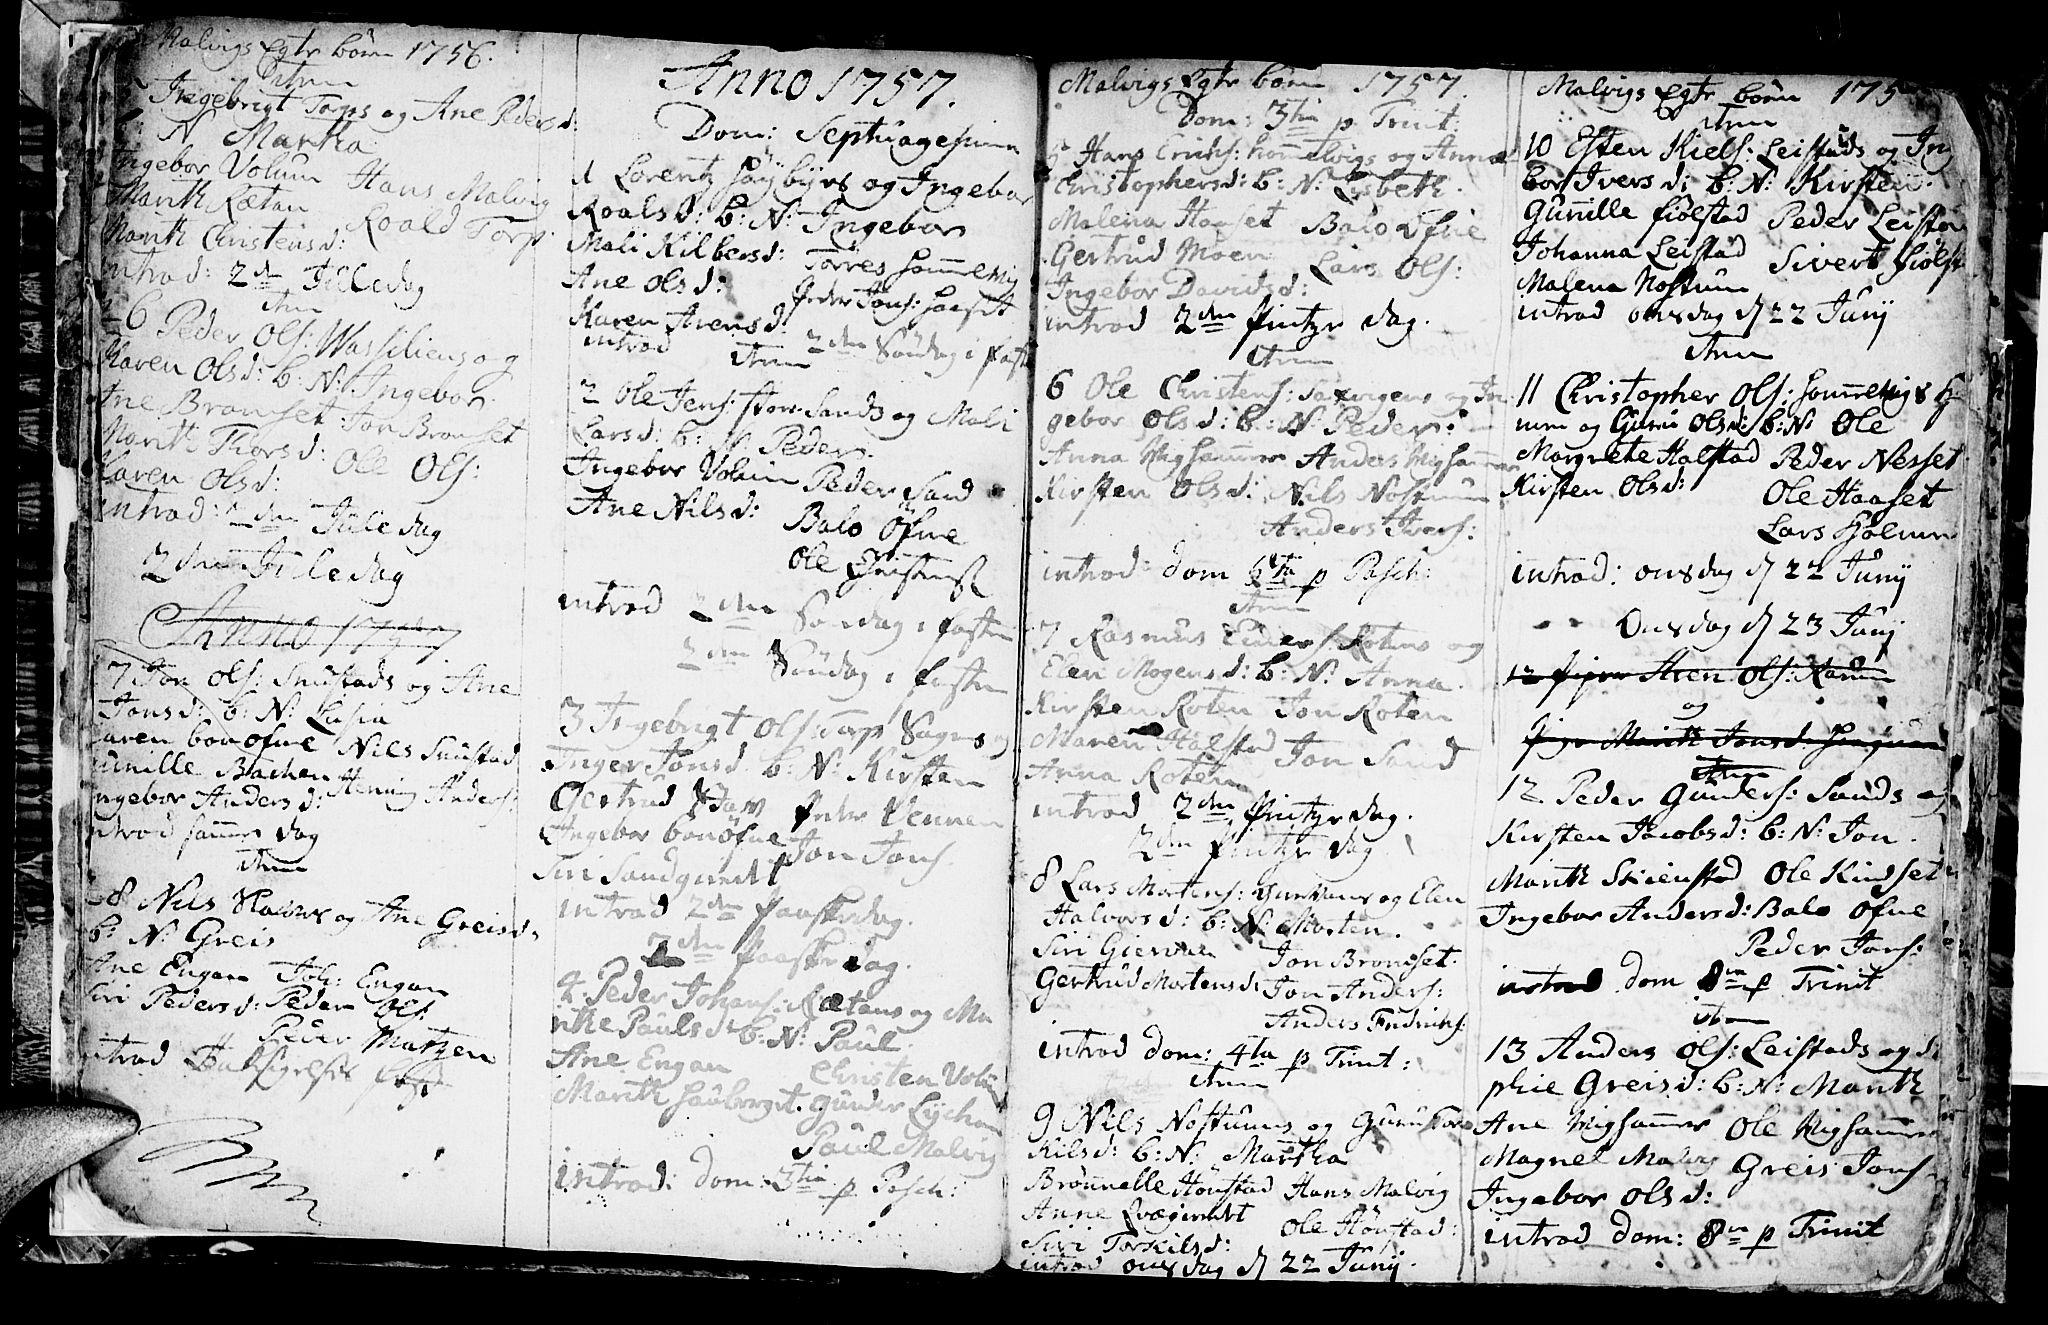 SAT, Ministerialprotokoller, klokkerbøker og fødselsregistre - Sør-Trøndelag, 616/L0418: Klokkerbok nr. 616C01, 1754-1797